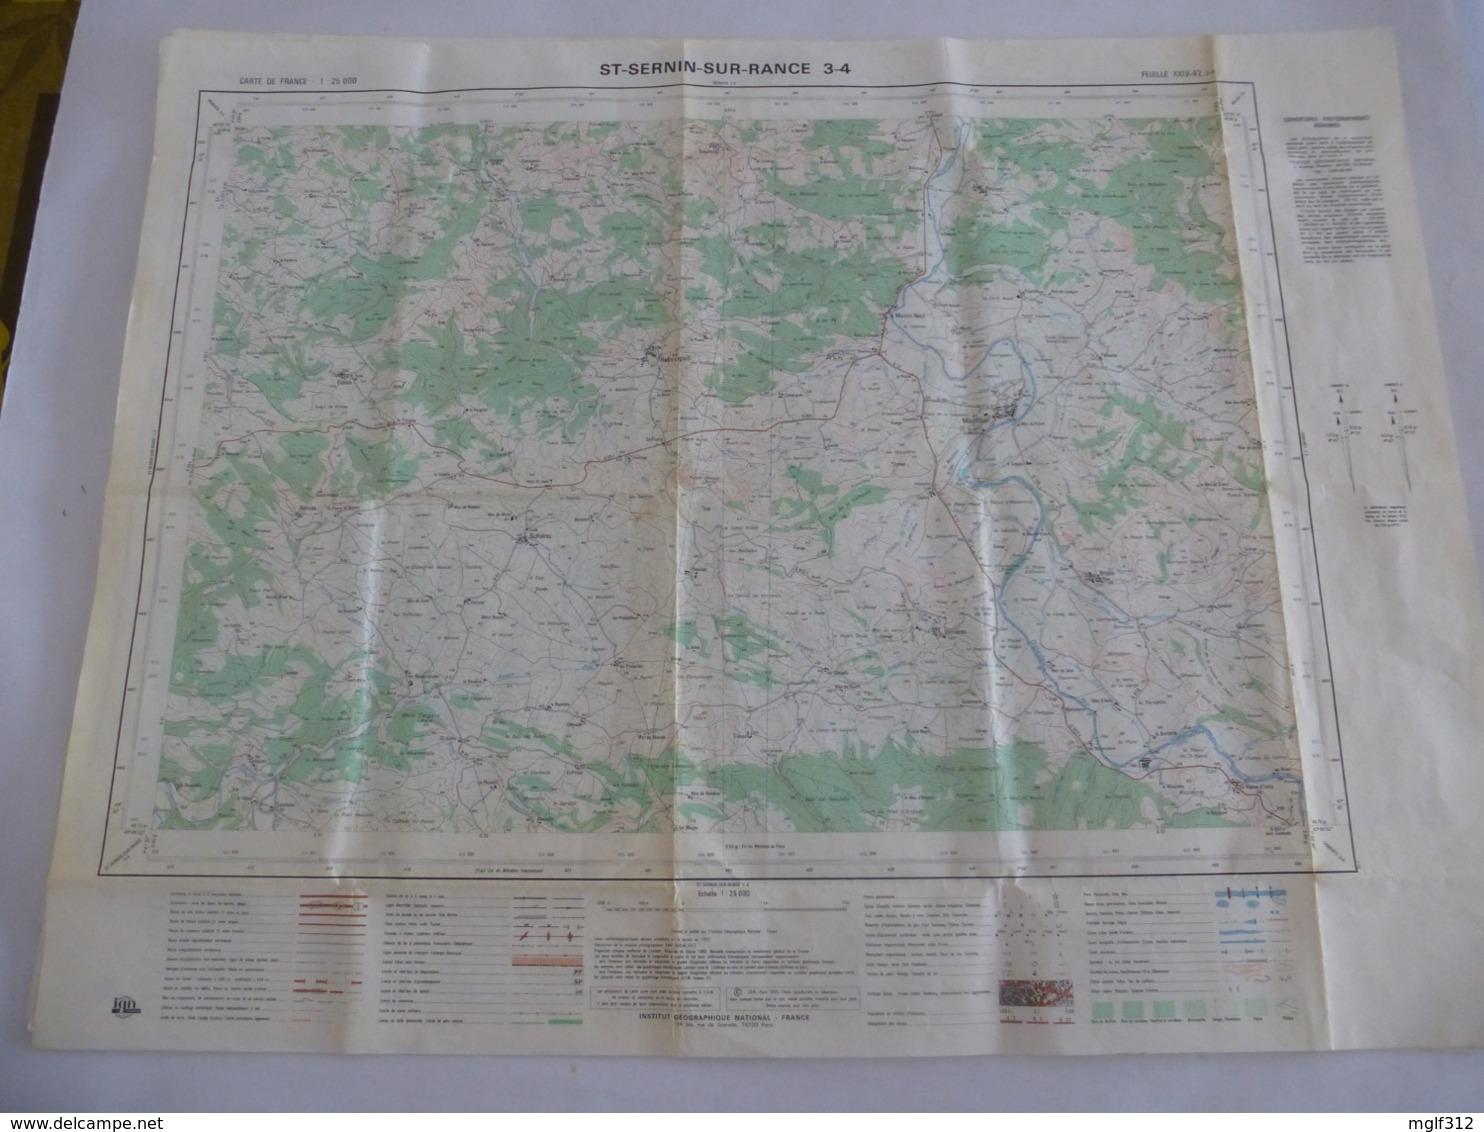 SAINT SERNIN SUR RANCE  (12) CARTE  IGN Au 1/25000 - Feuille 3/4 - Détails Voir Les Scans - Topographical Maps